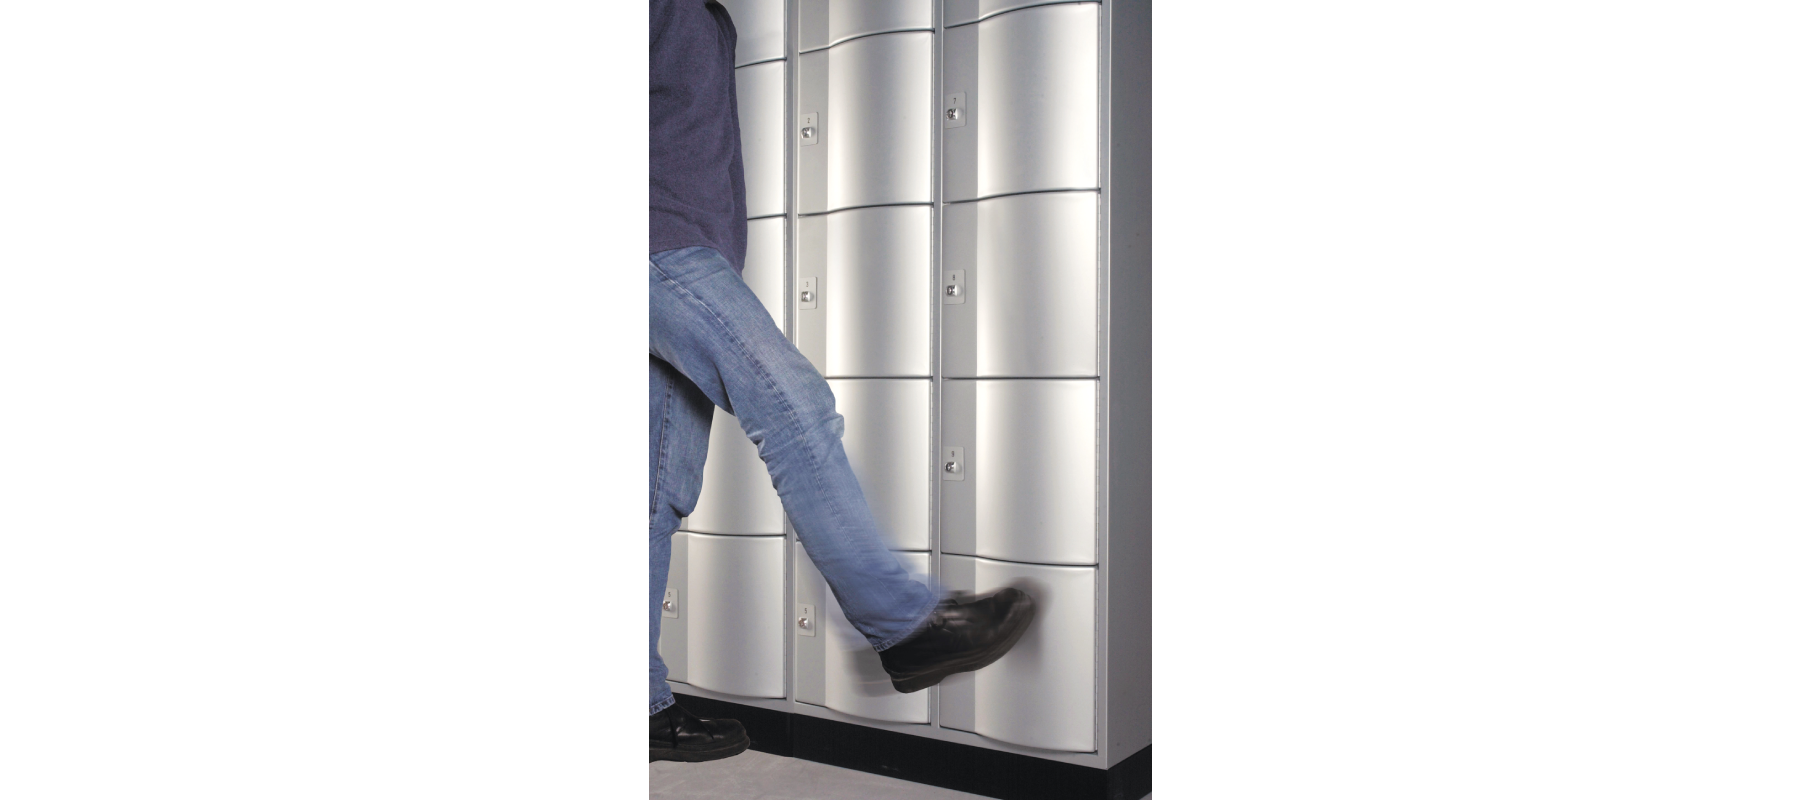 szatnie szafy schowkowe cp detale - 12